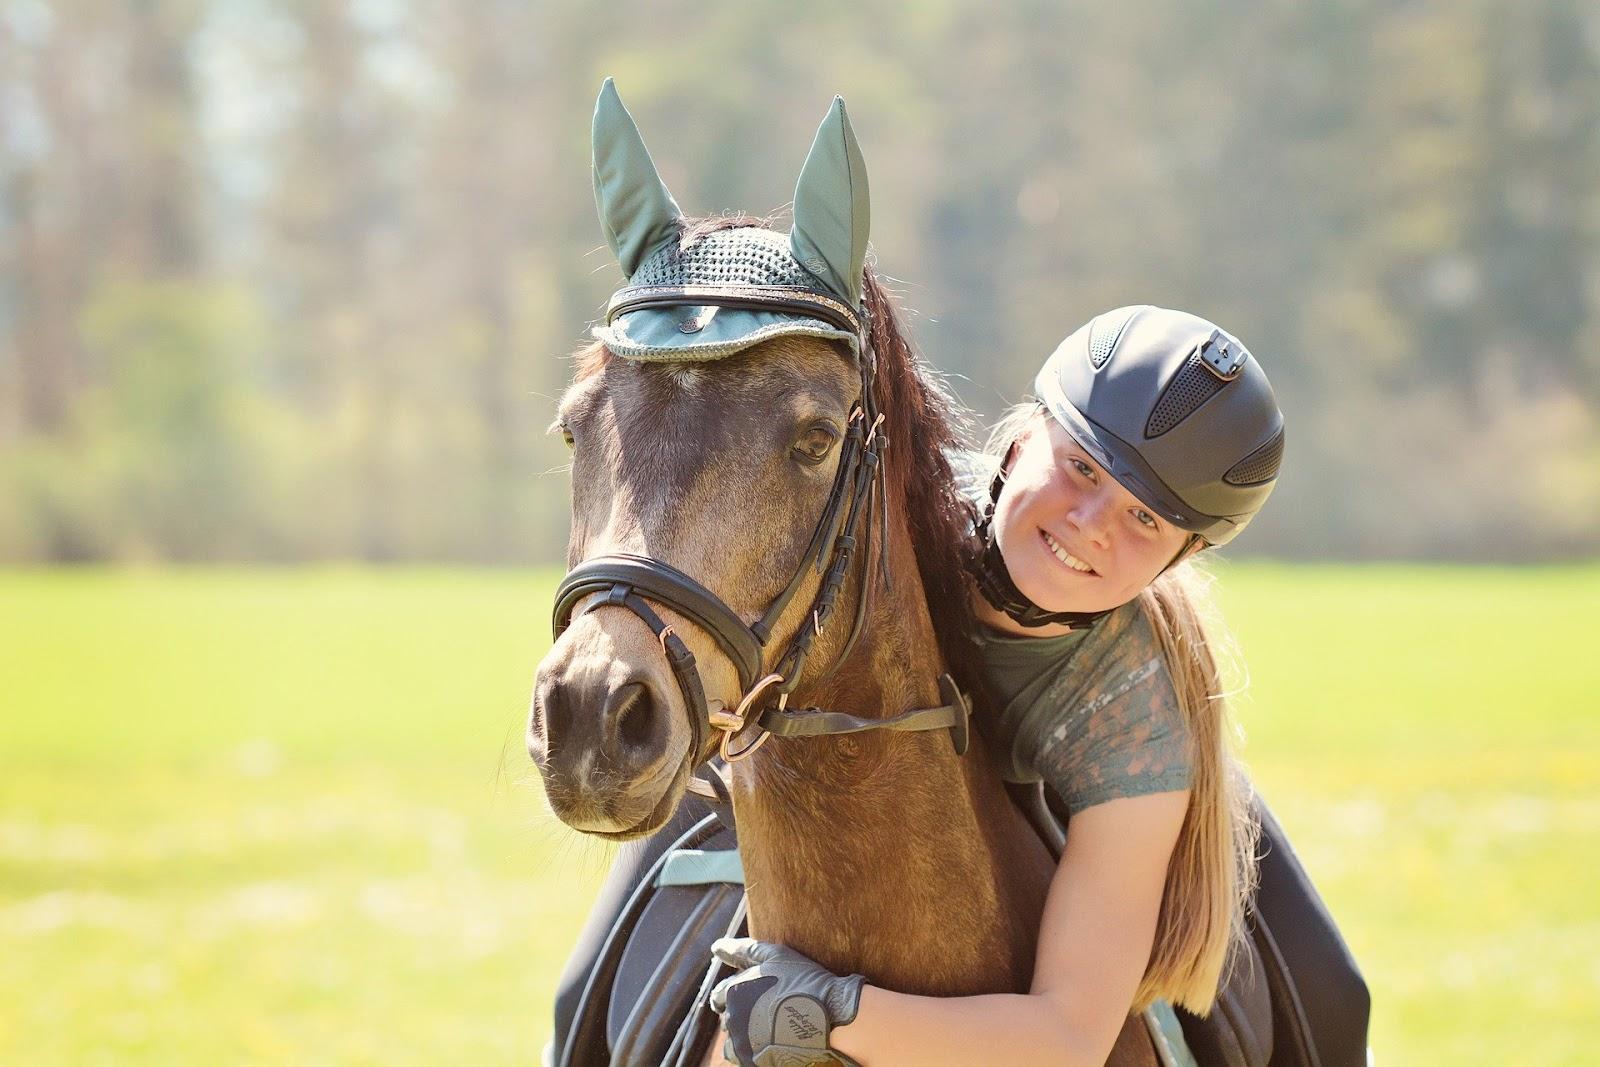 girl on horseback outside